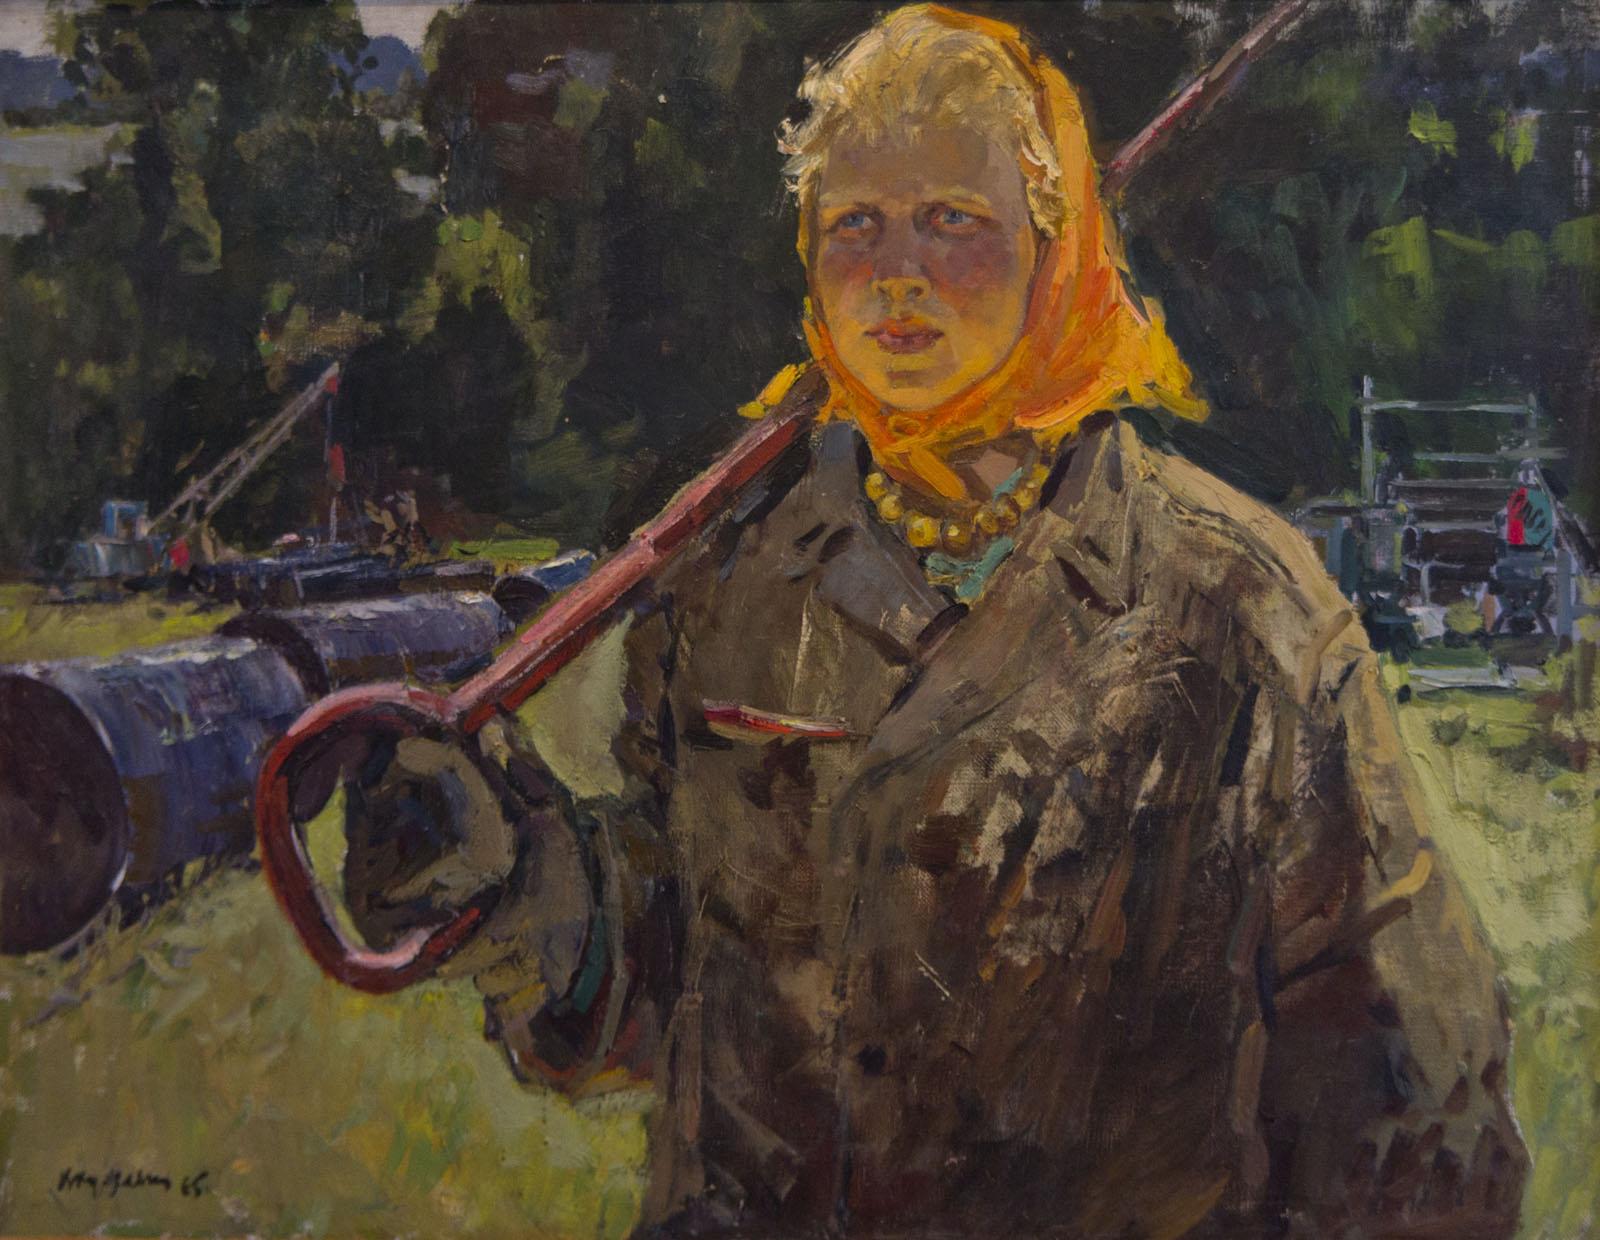 Фото №75656. Портрет нефтепроводчицы В.Липатовой, 1965, холст, масло